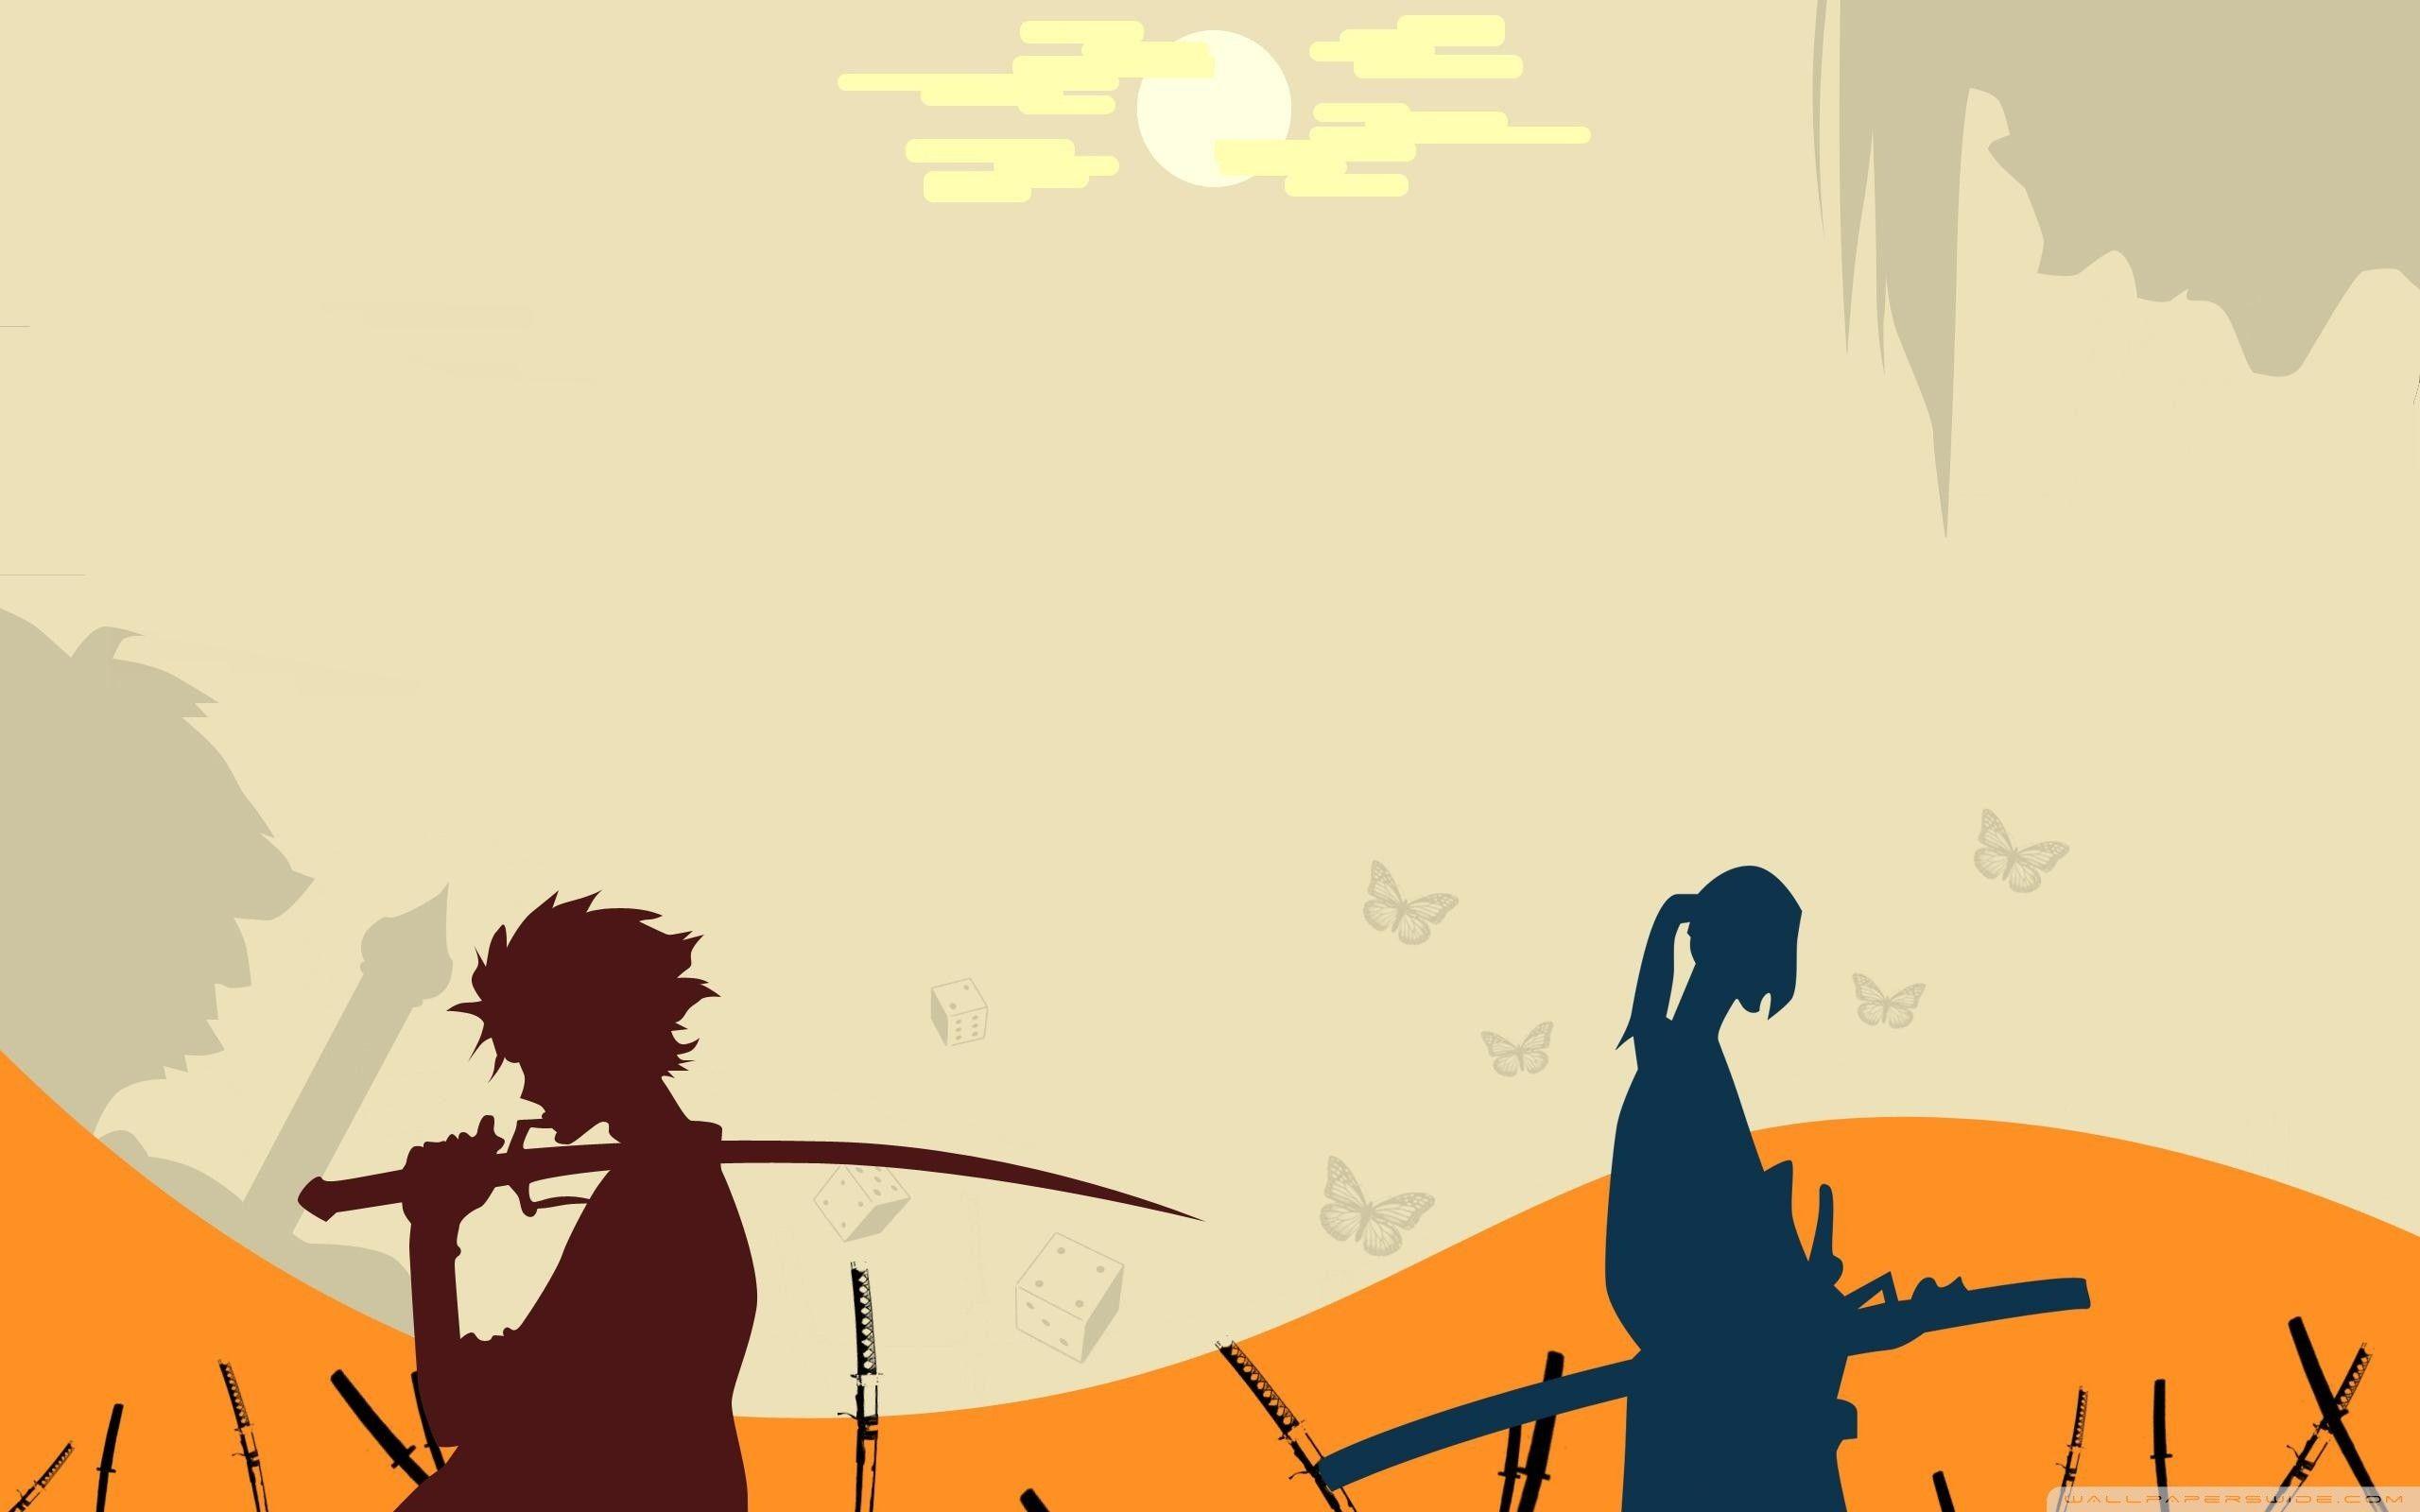 Samurai Champloo Wallpapers 54 Images Samurai Champloo Anime Wallpaper Samurai Anime